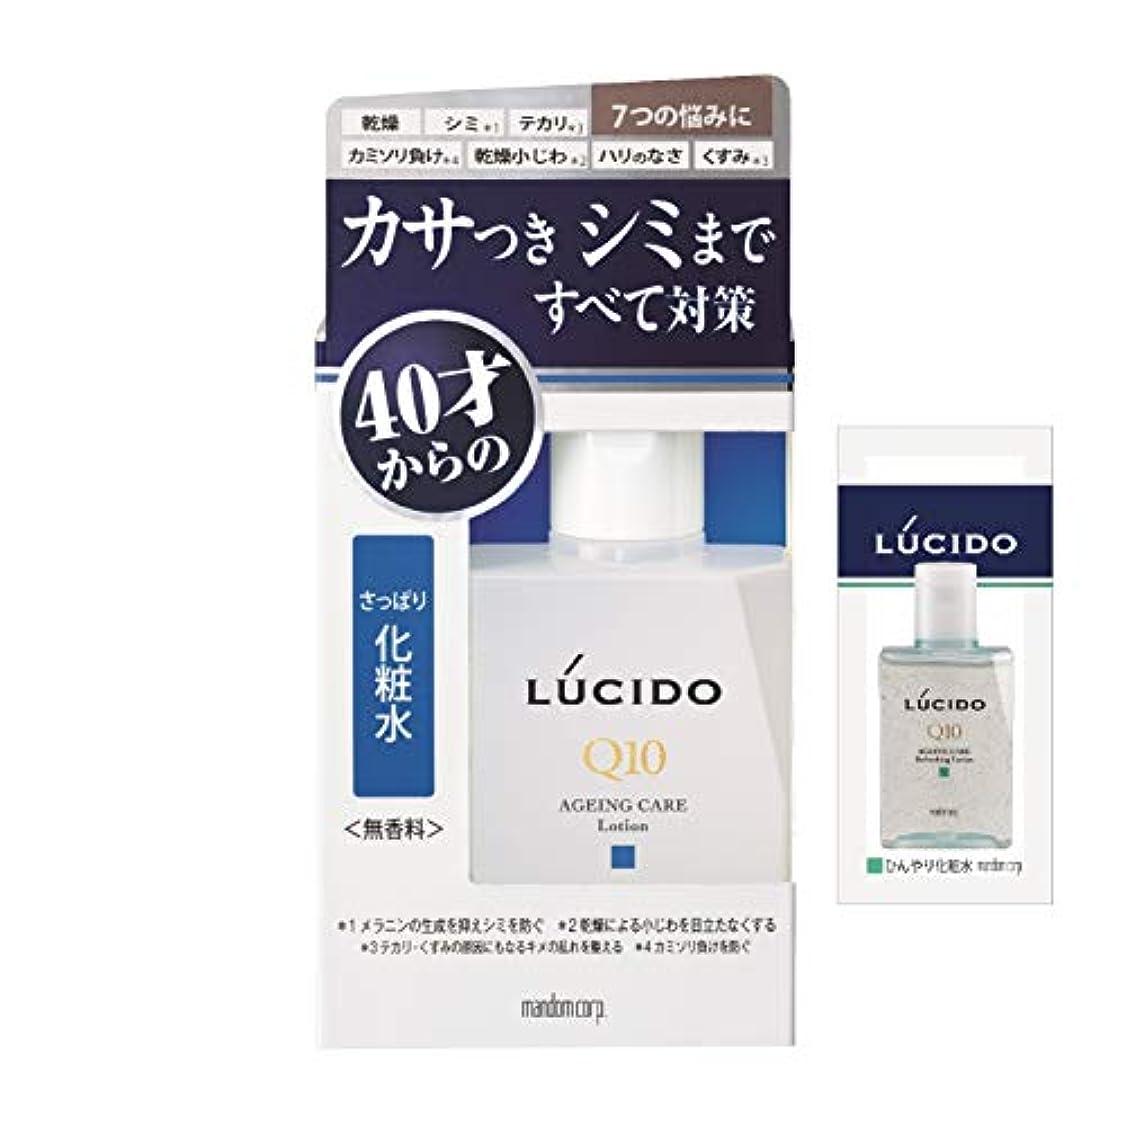 影響を受けやすいです適切に助けて【Amazon.co.jp 限定】 ルシード(LUCIDO) 薬用トータルケア化粧水 メンズ スキンケア さっぱり 110ml(医薬部外品)サンプル付